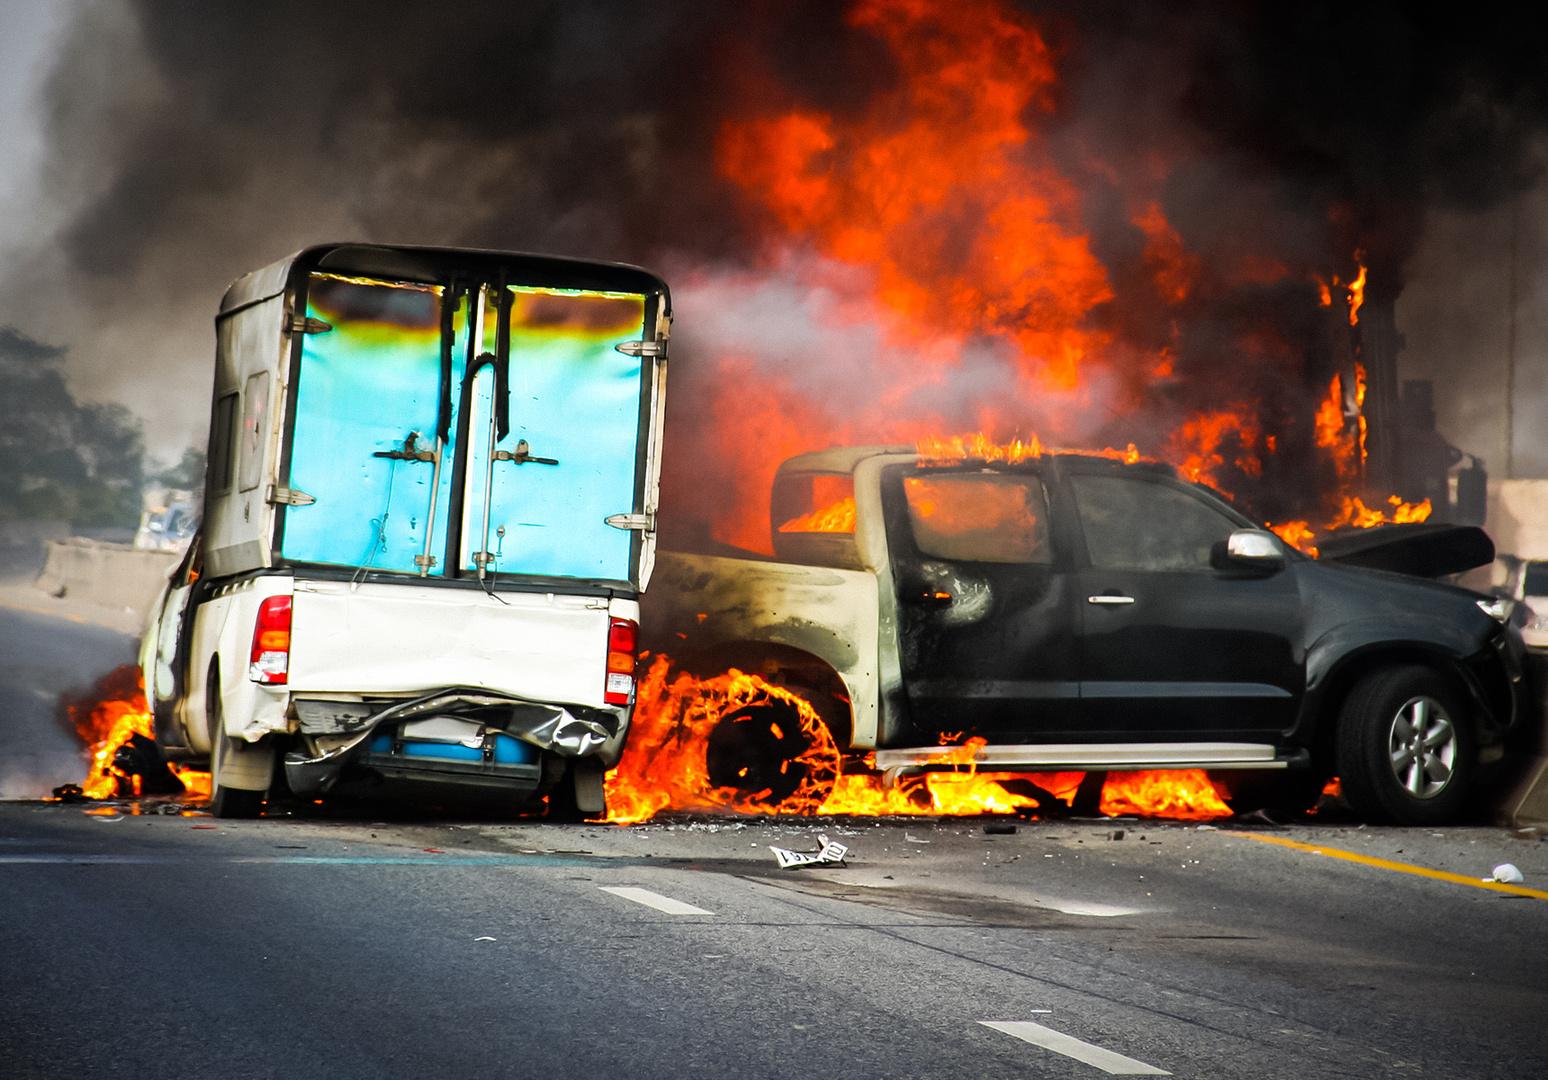 5 причин возгорания автомобиля: от травы до неисправности